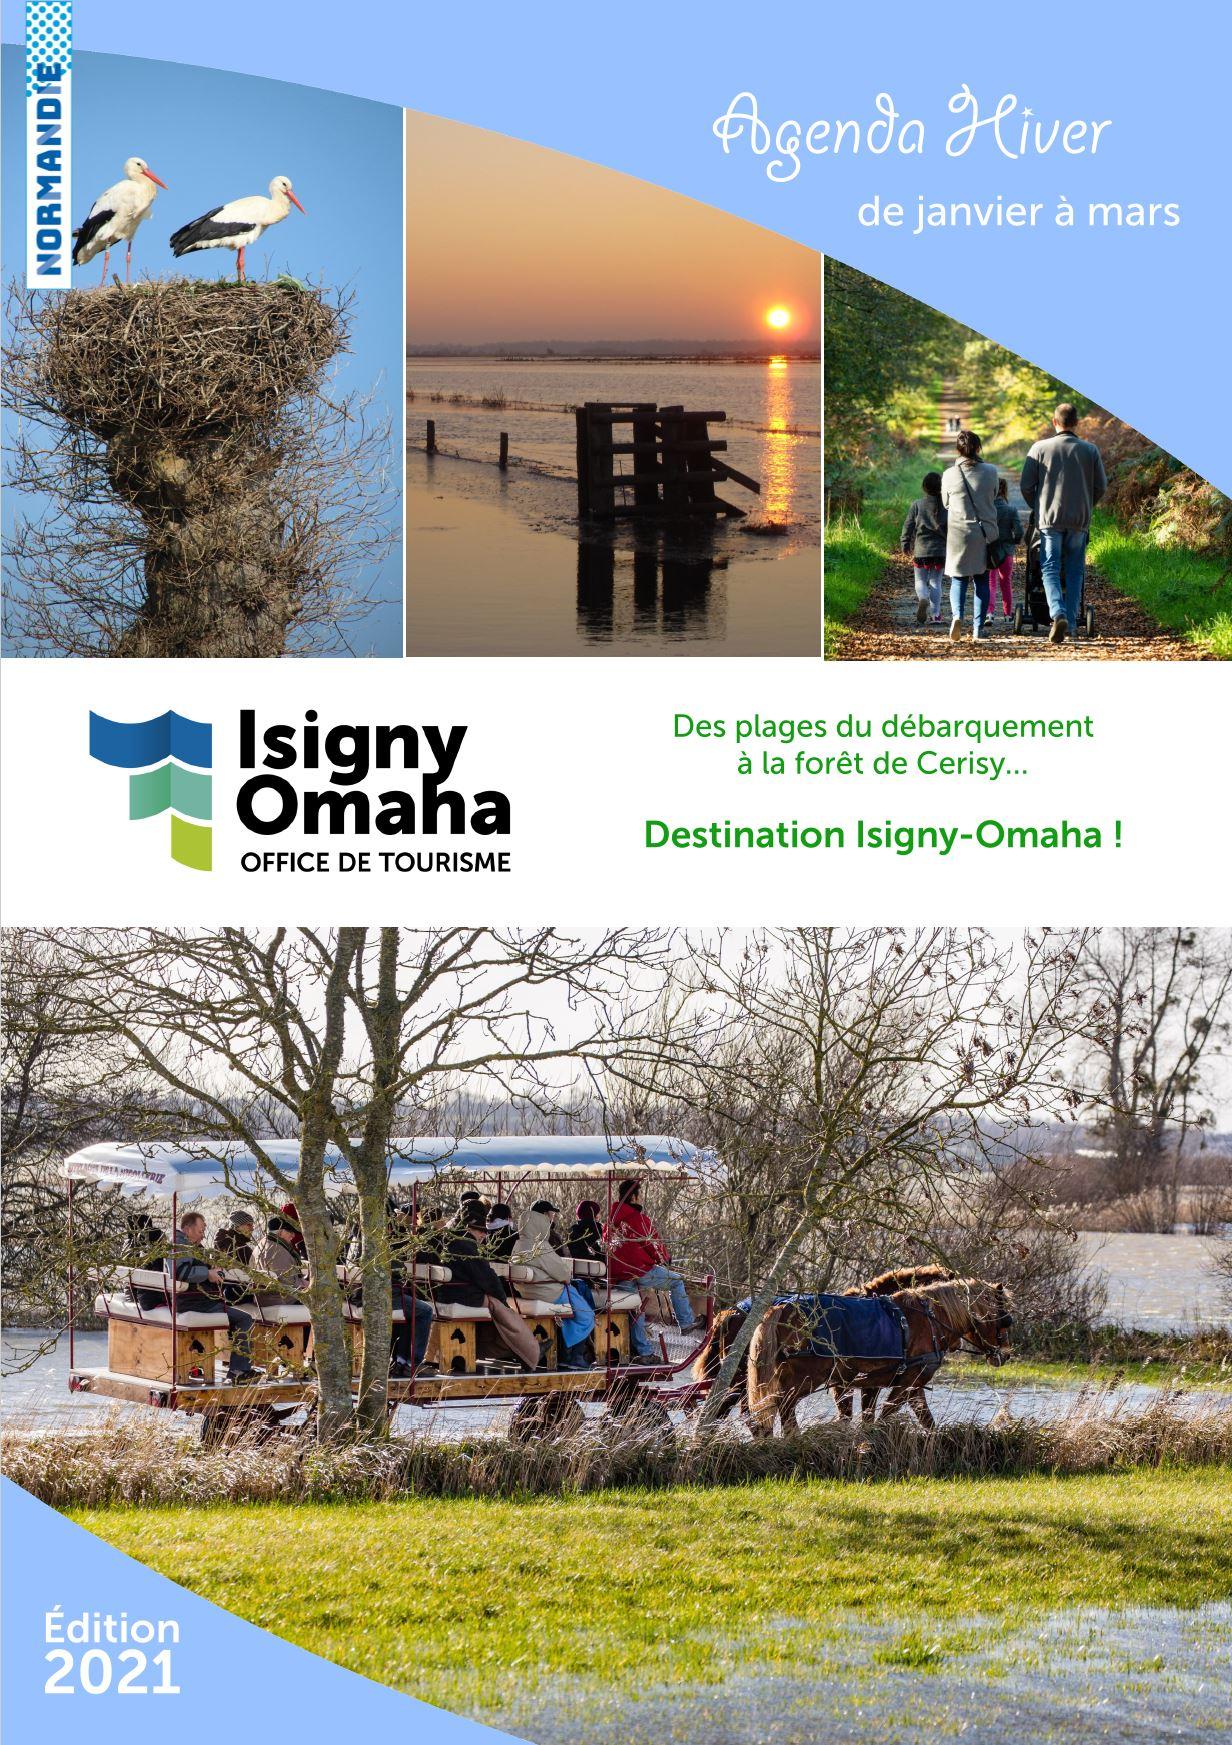 Programme aniamtion février 2021 vacances